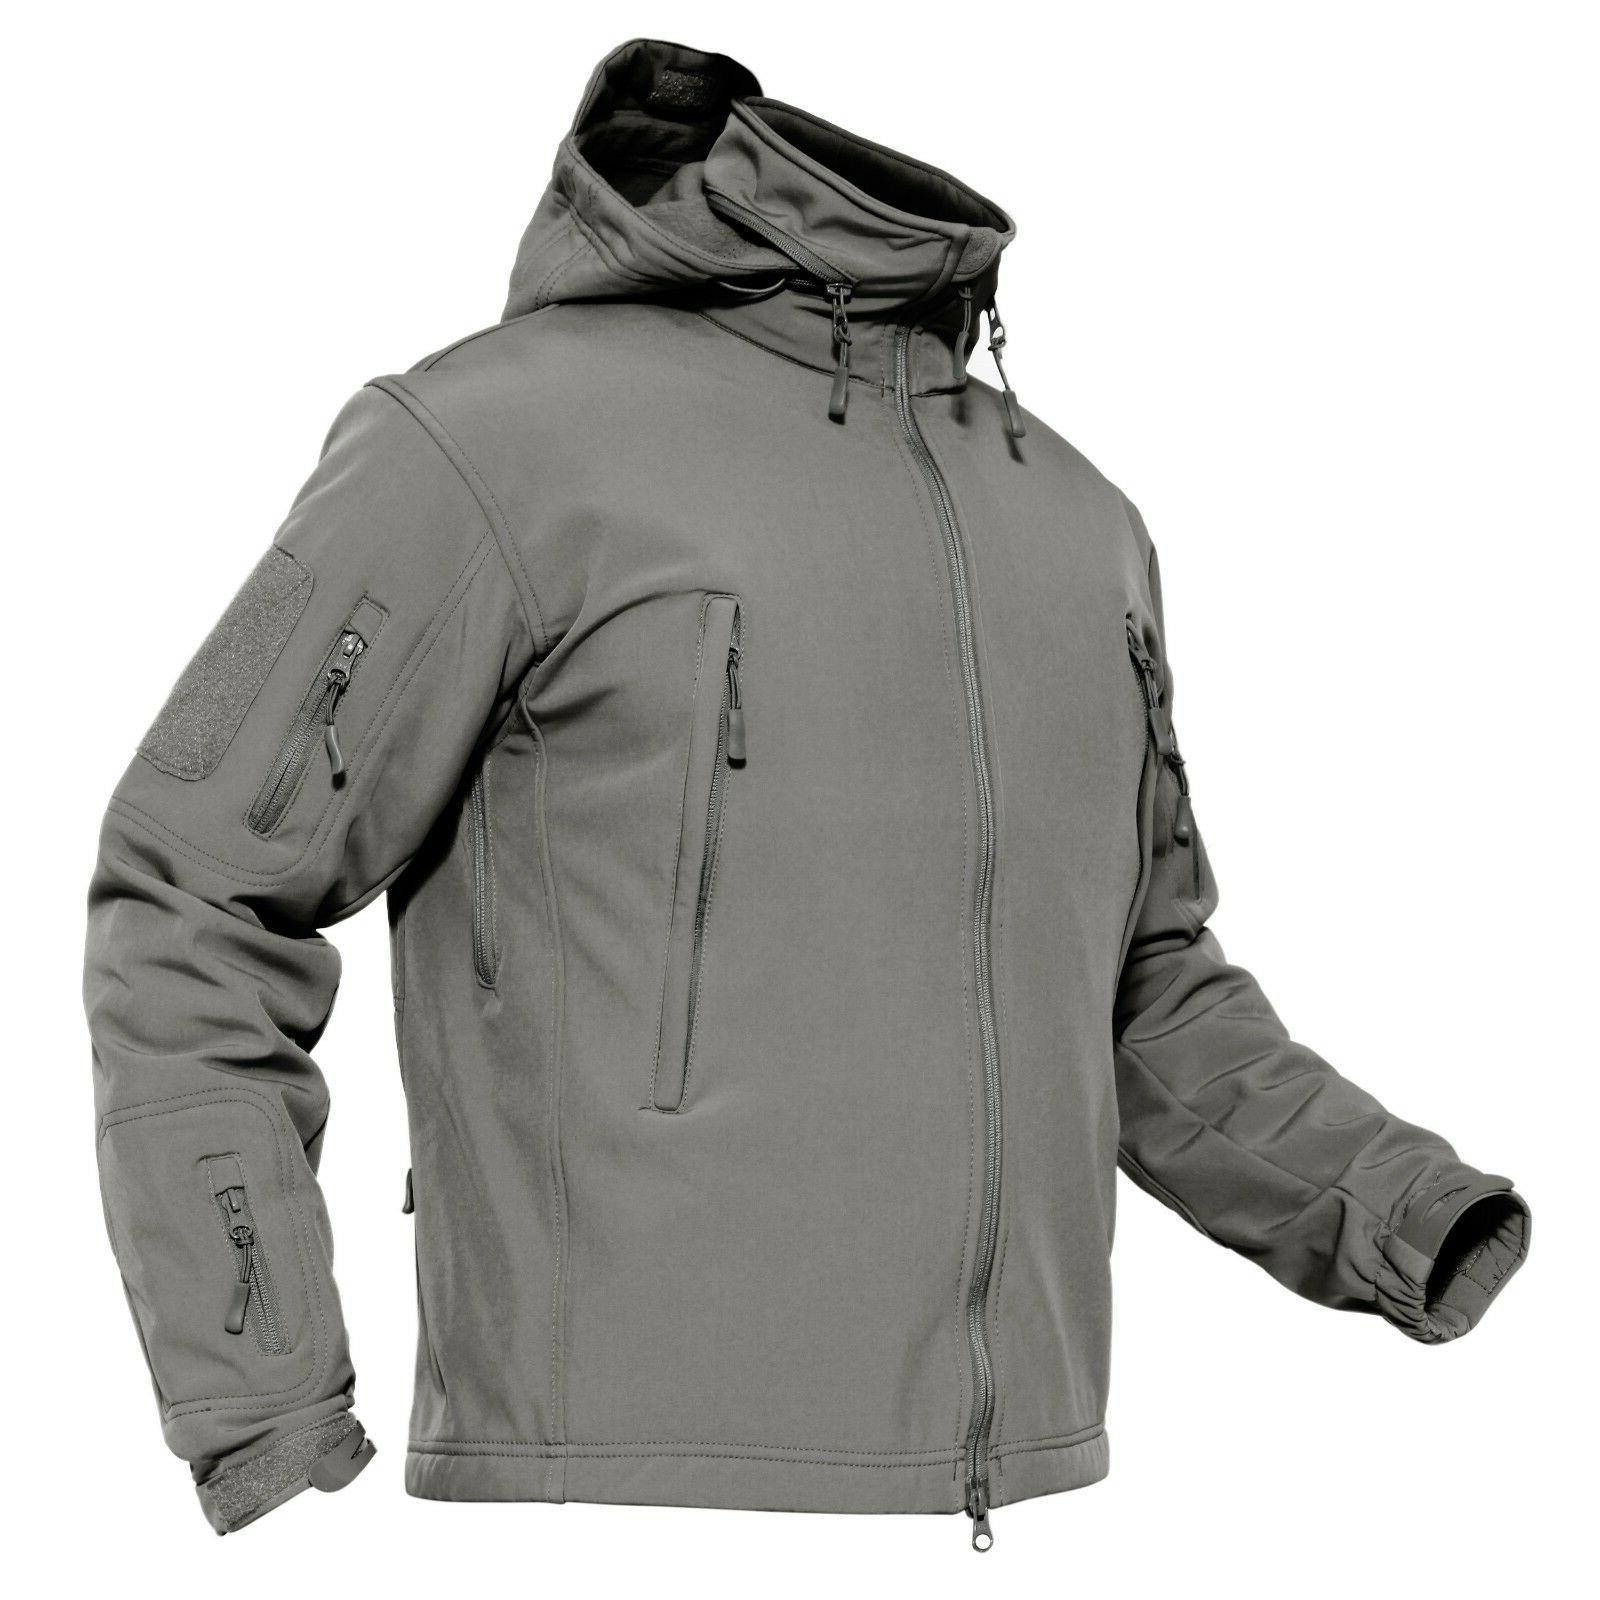 TACVASEN Tactical Windproof Jackets Waterproof Soft Outdoor